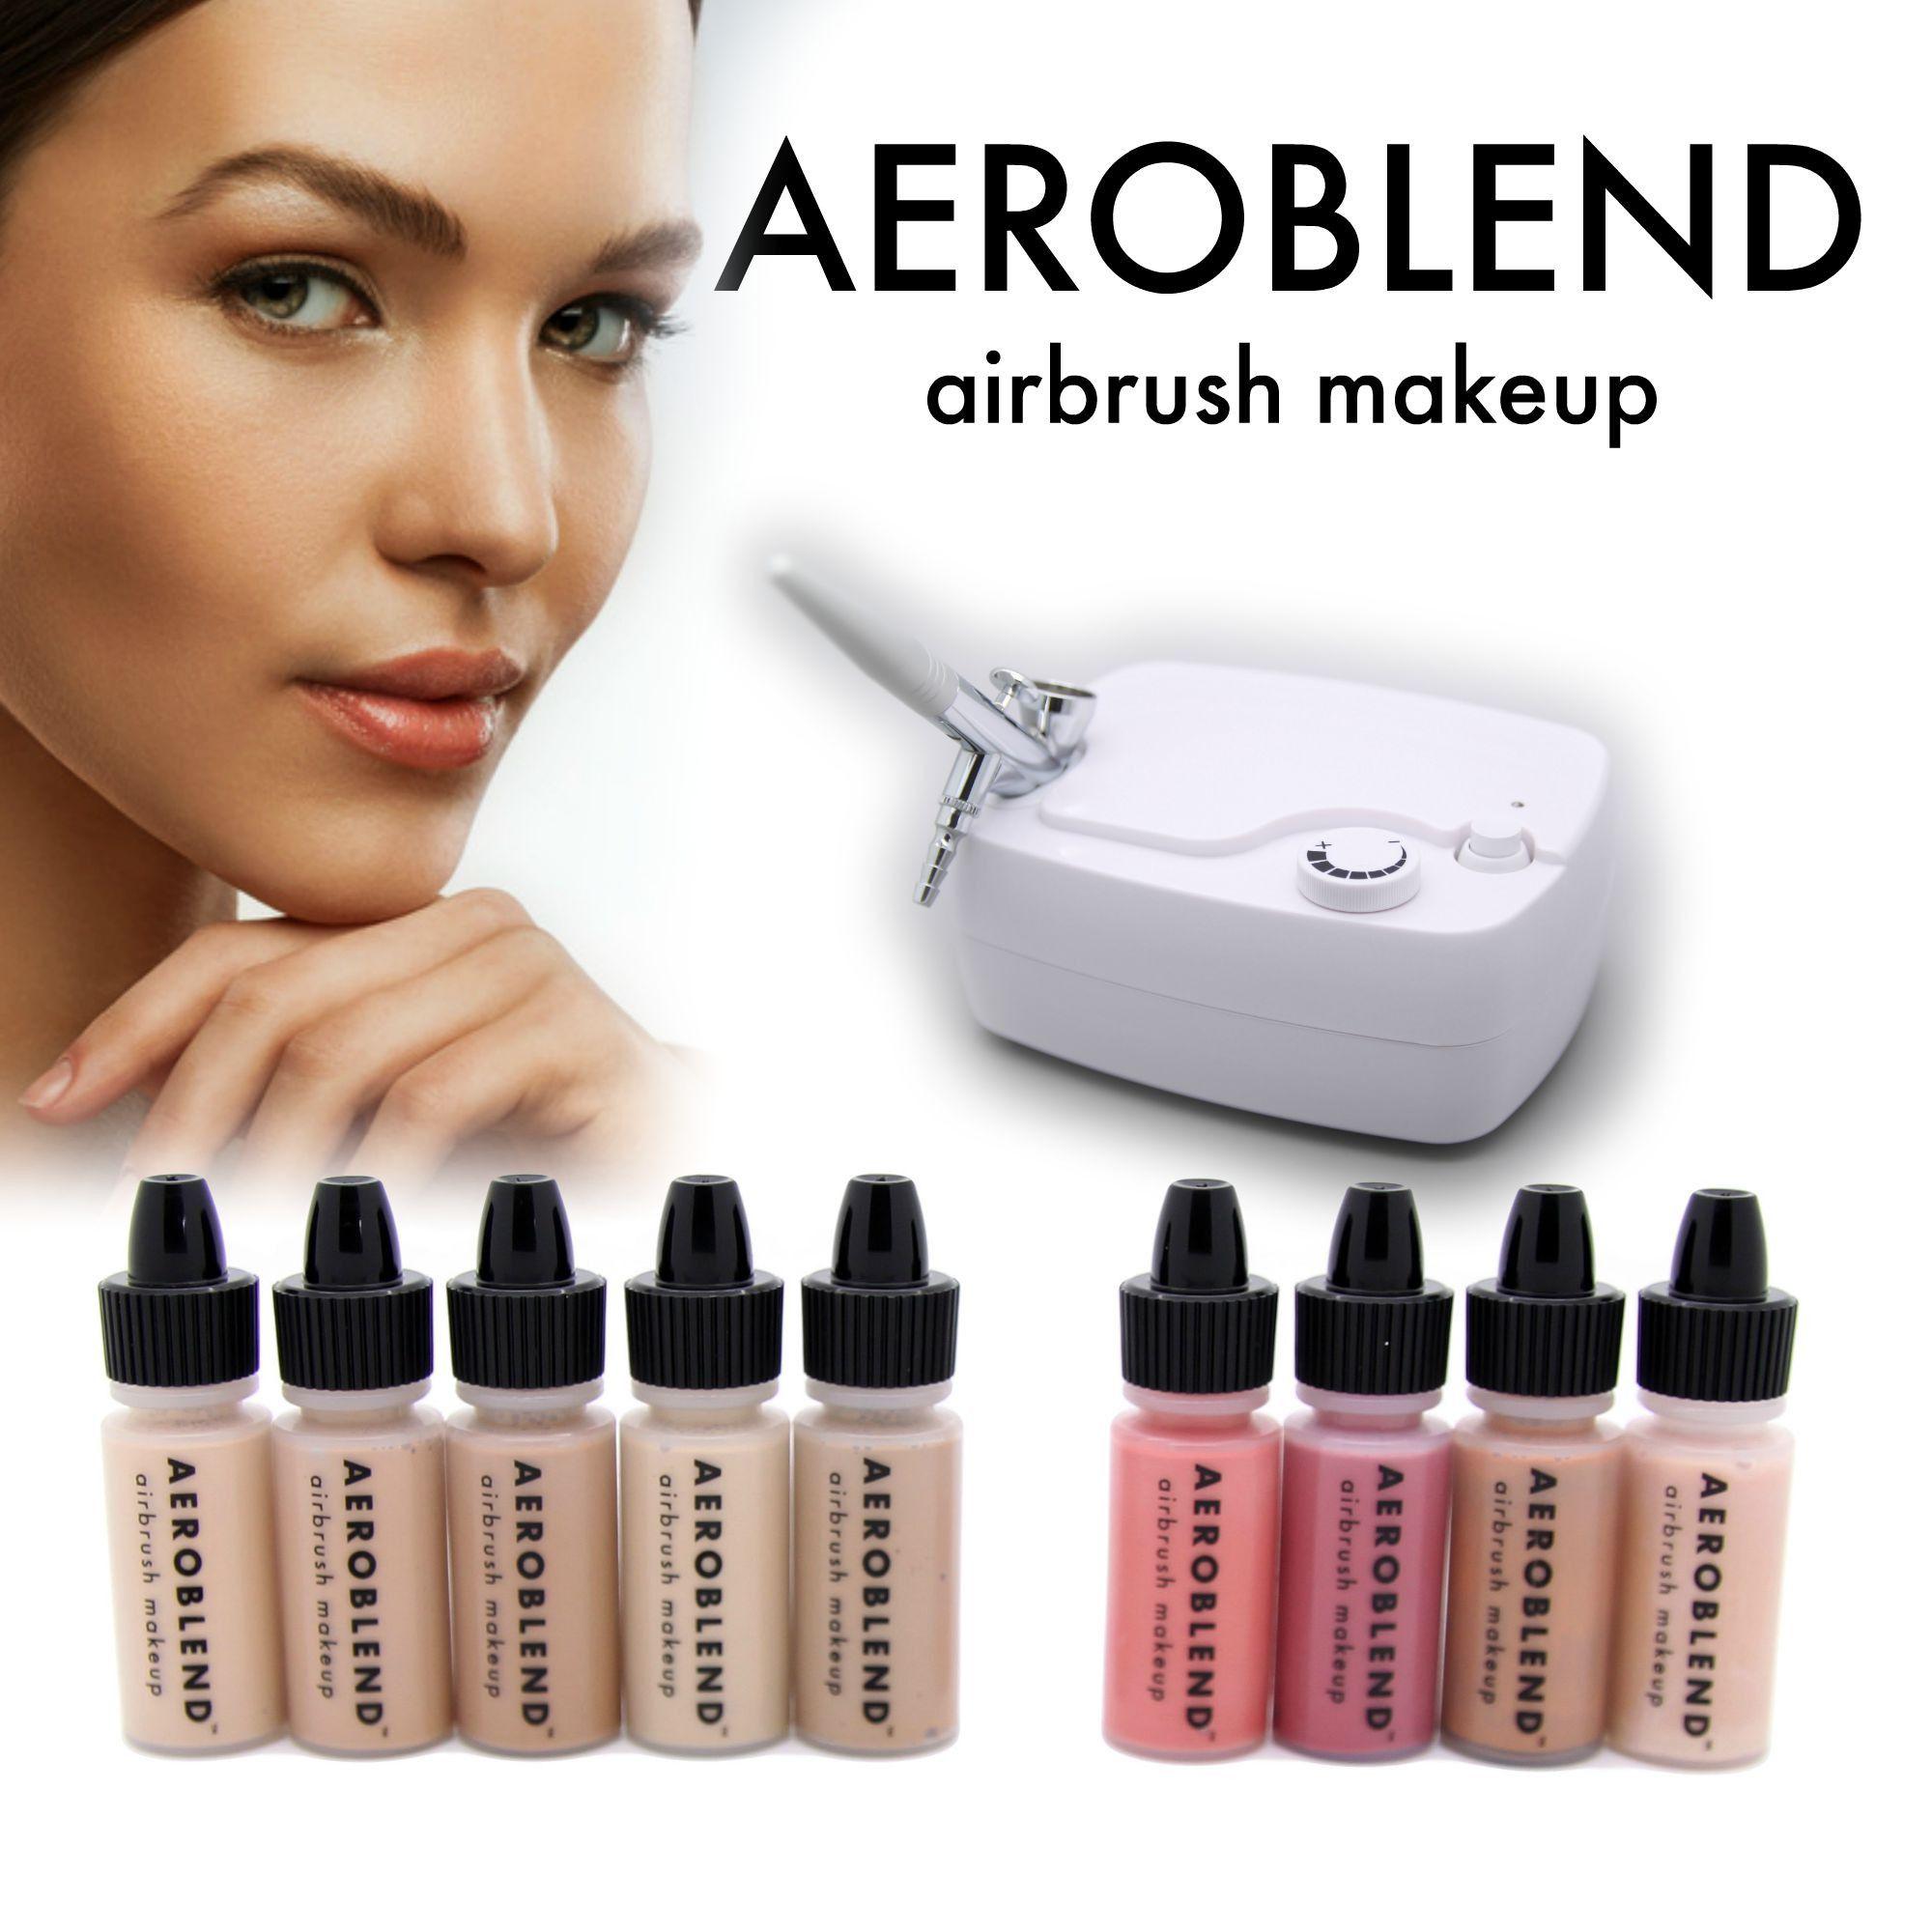 Airbrush Starter Kit 1.0 Airbrush makeup system